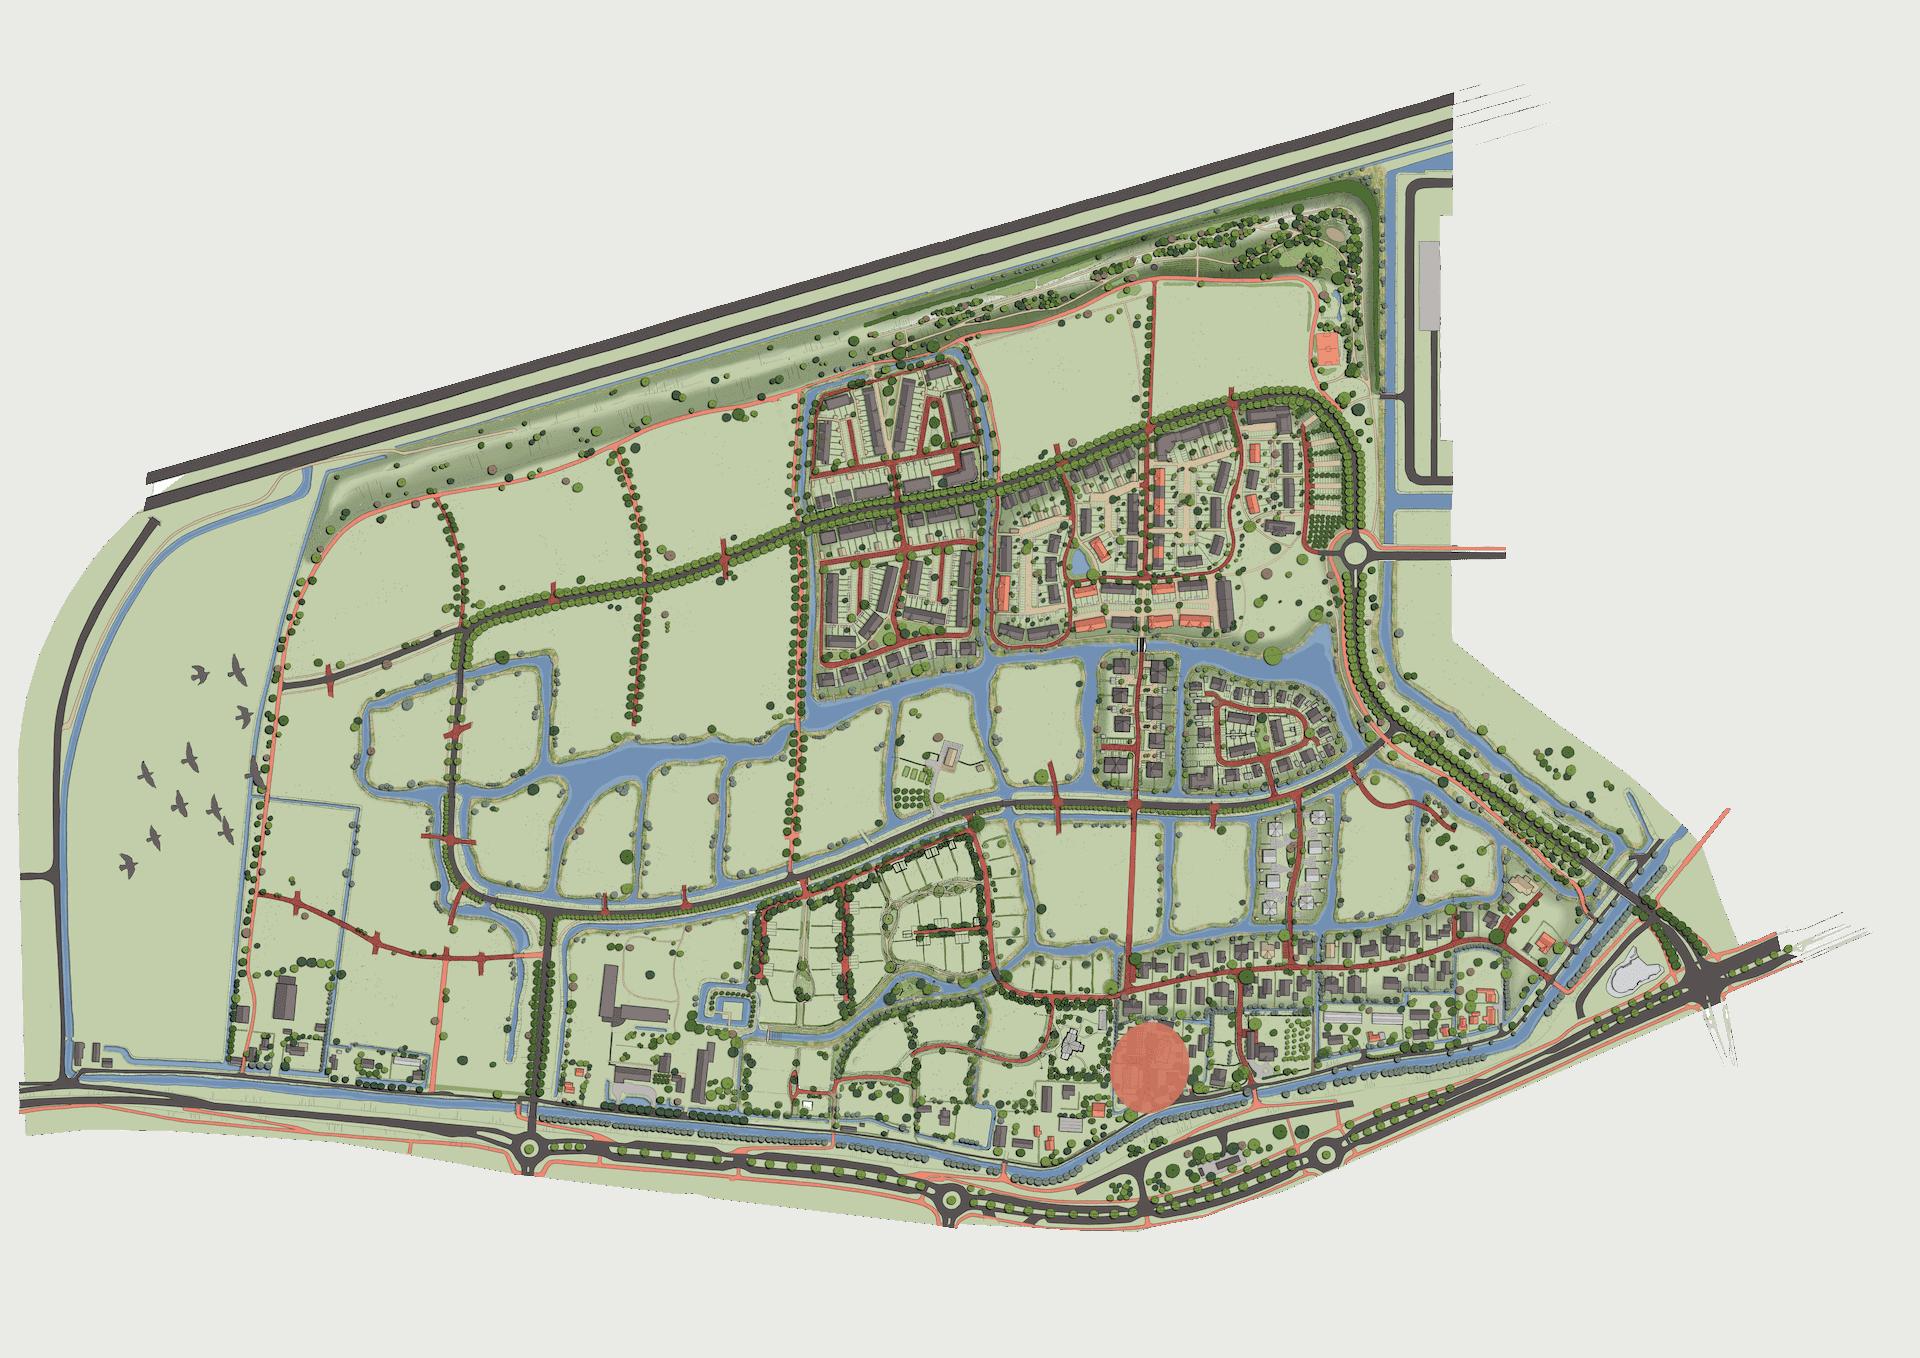 Plankaart Wevershof 2021